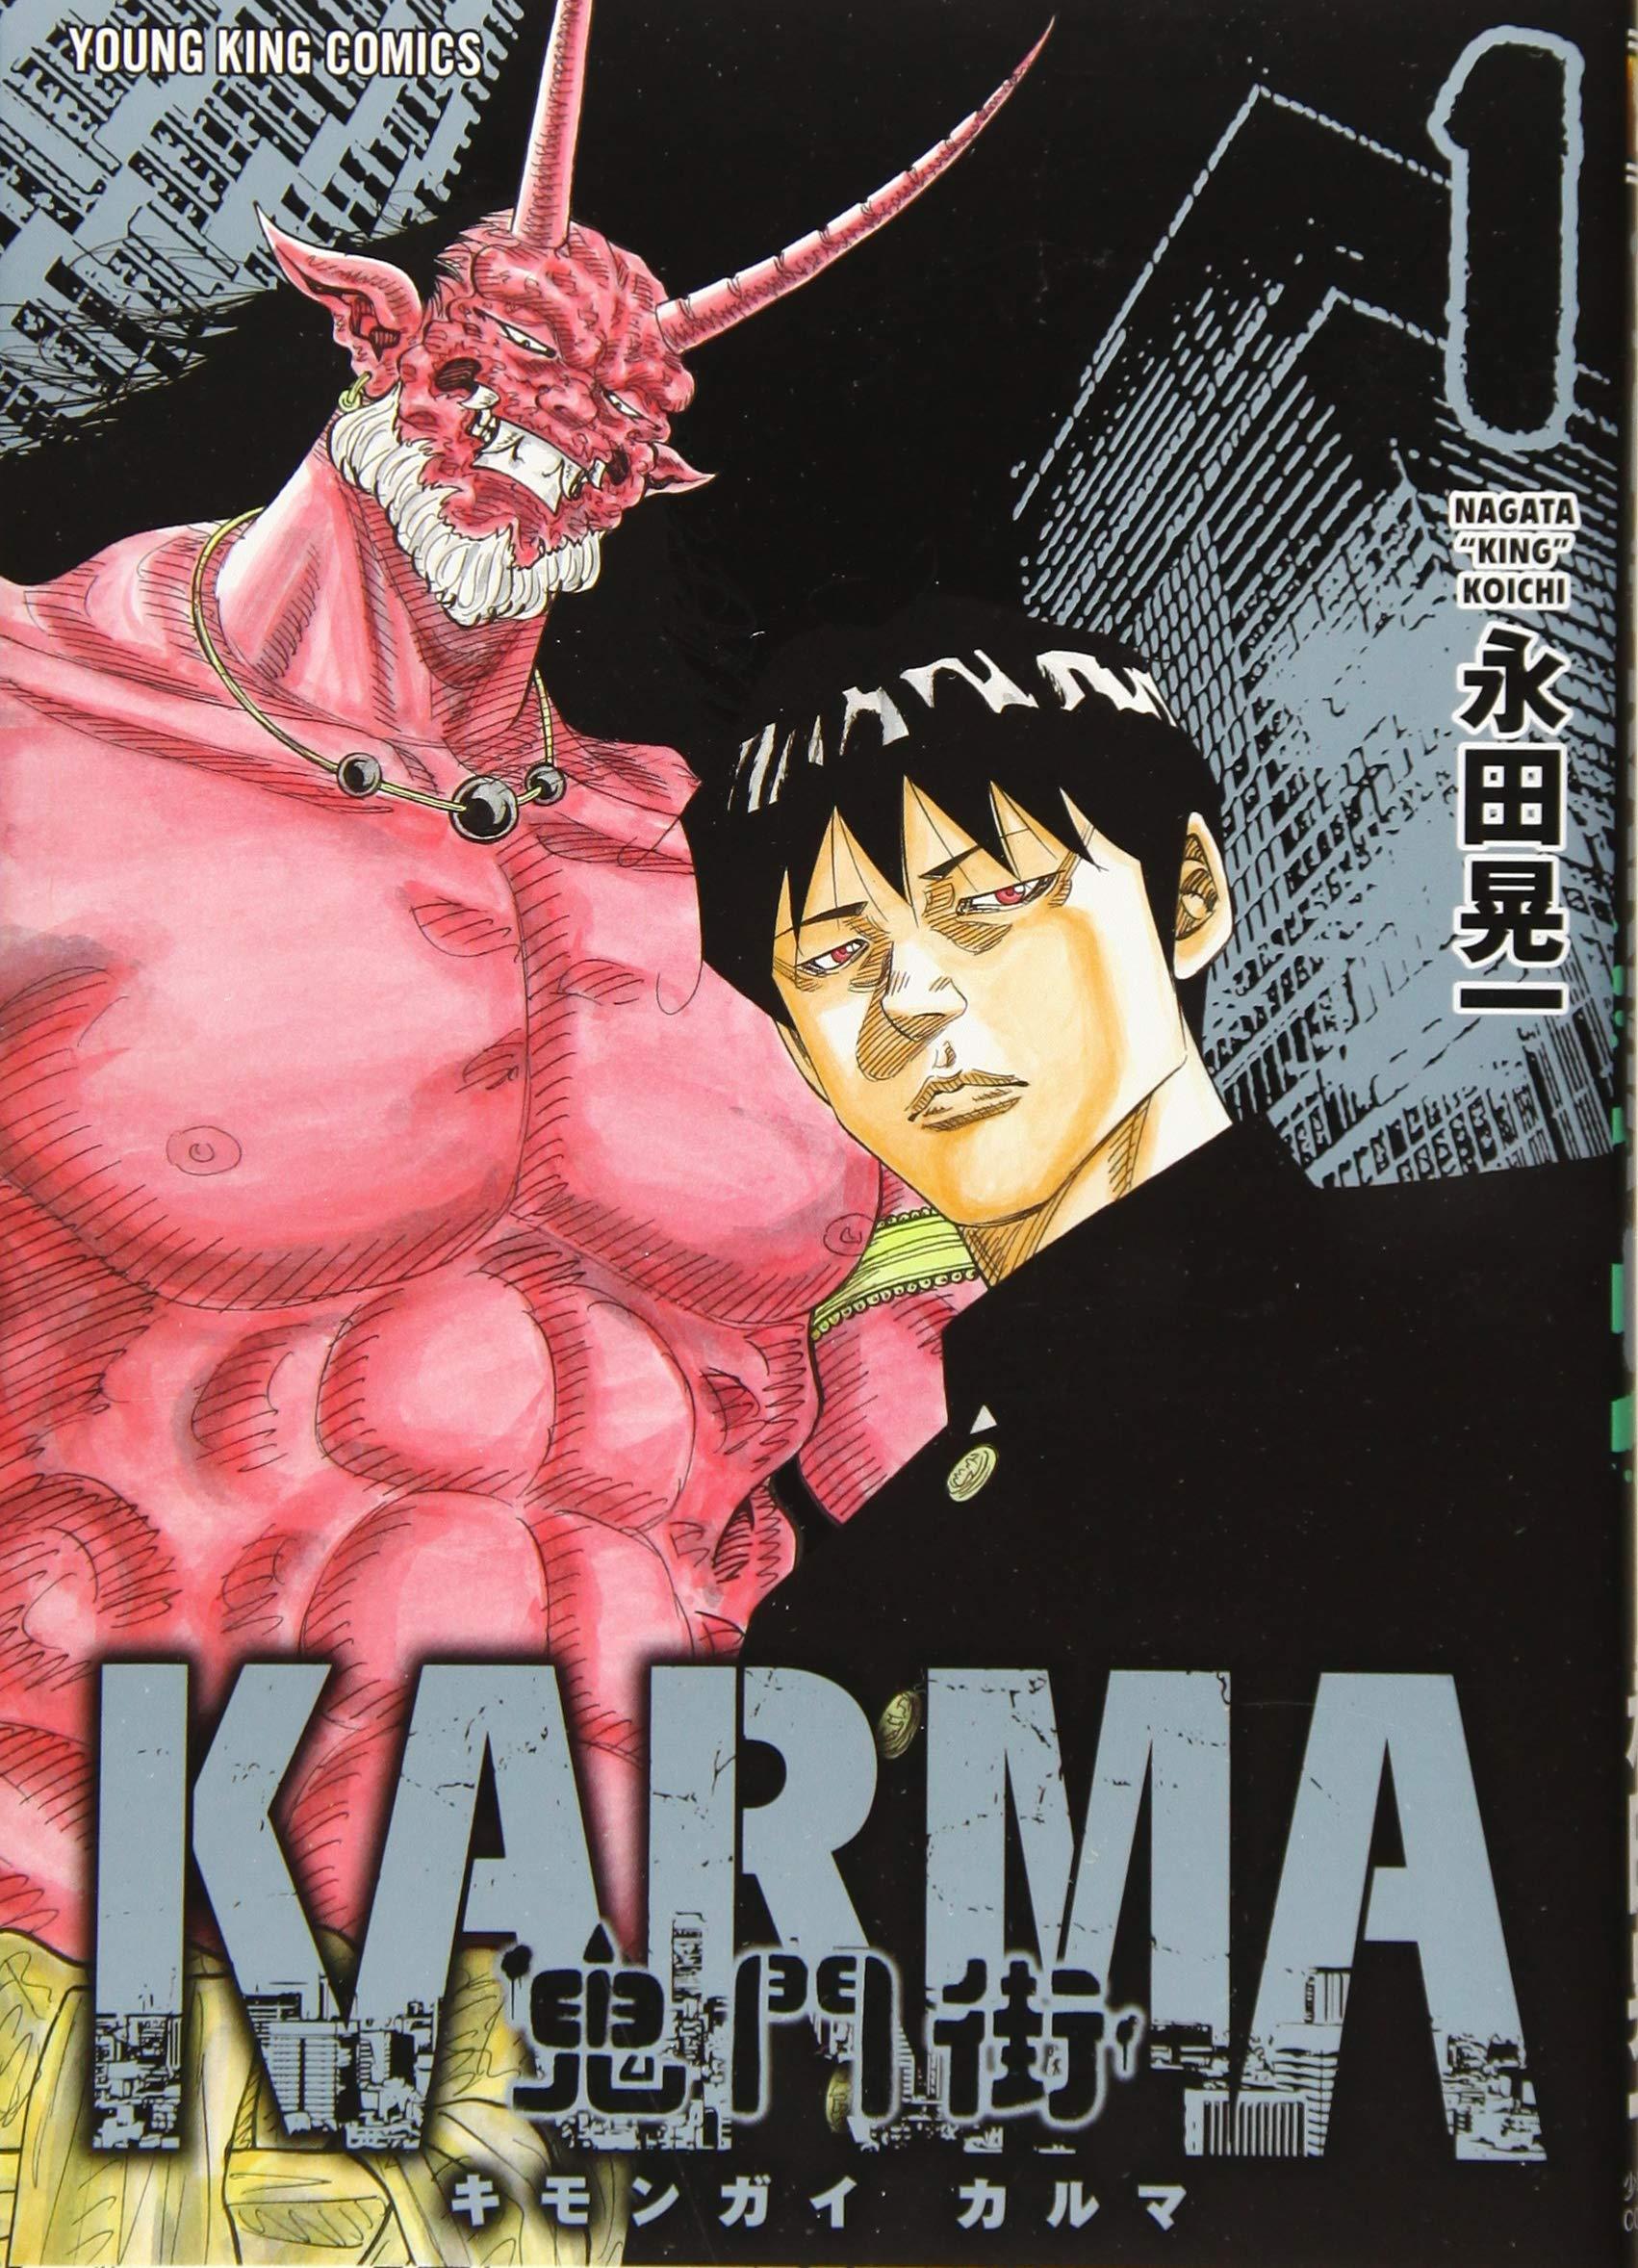 鬼門 街 karma 鬼門街KARMA|無料漫画(まんが)ならピッコマ|永田晃一